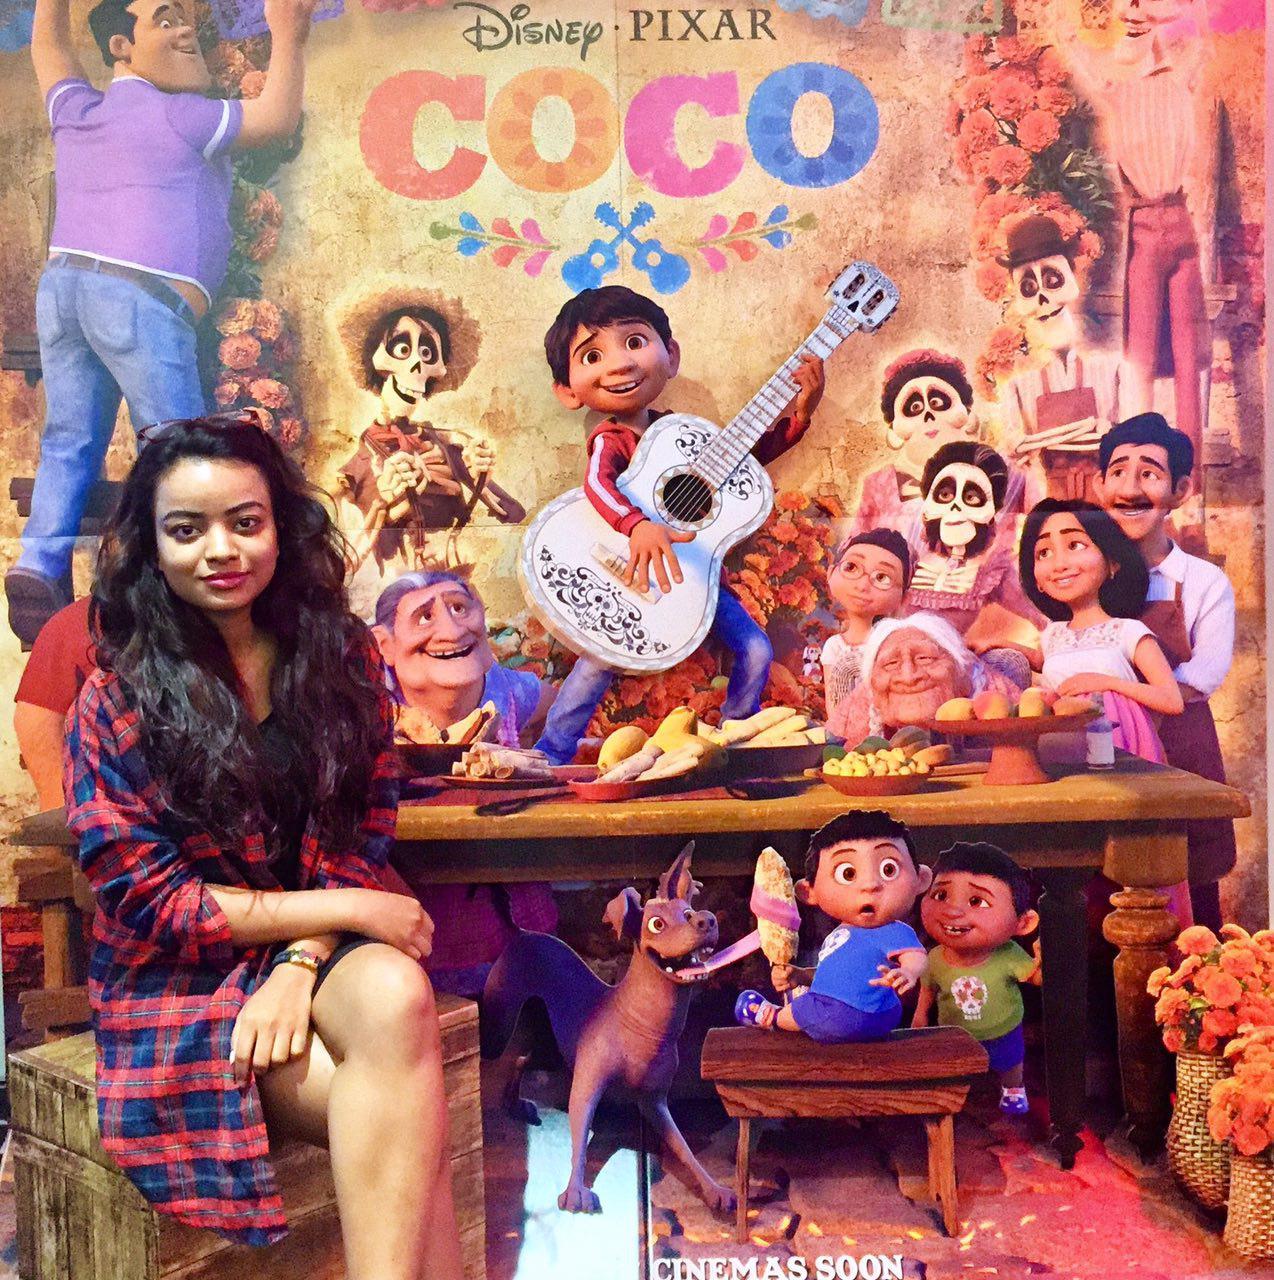 Cute Dia De Los Muertos Wallpaper Coco Disney Pixar Premier Show